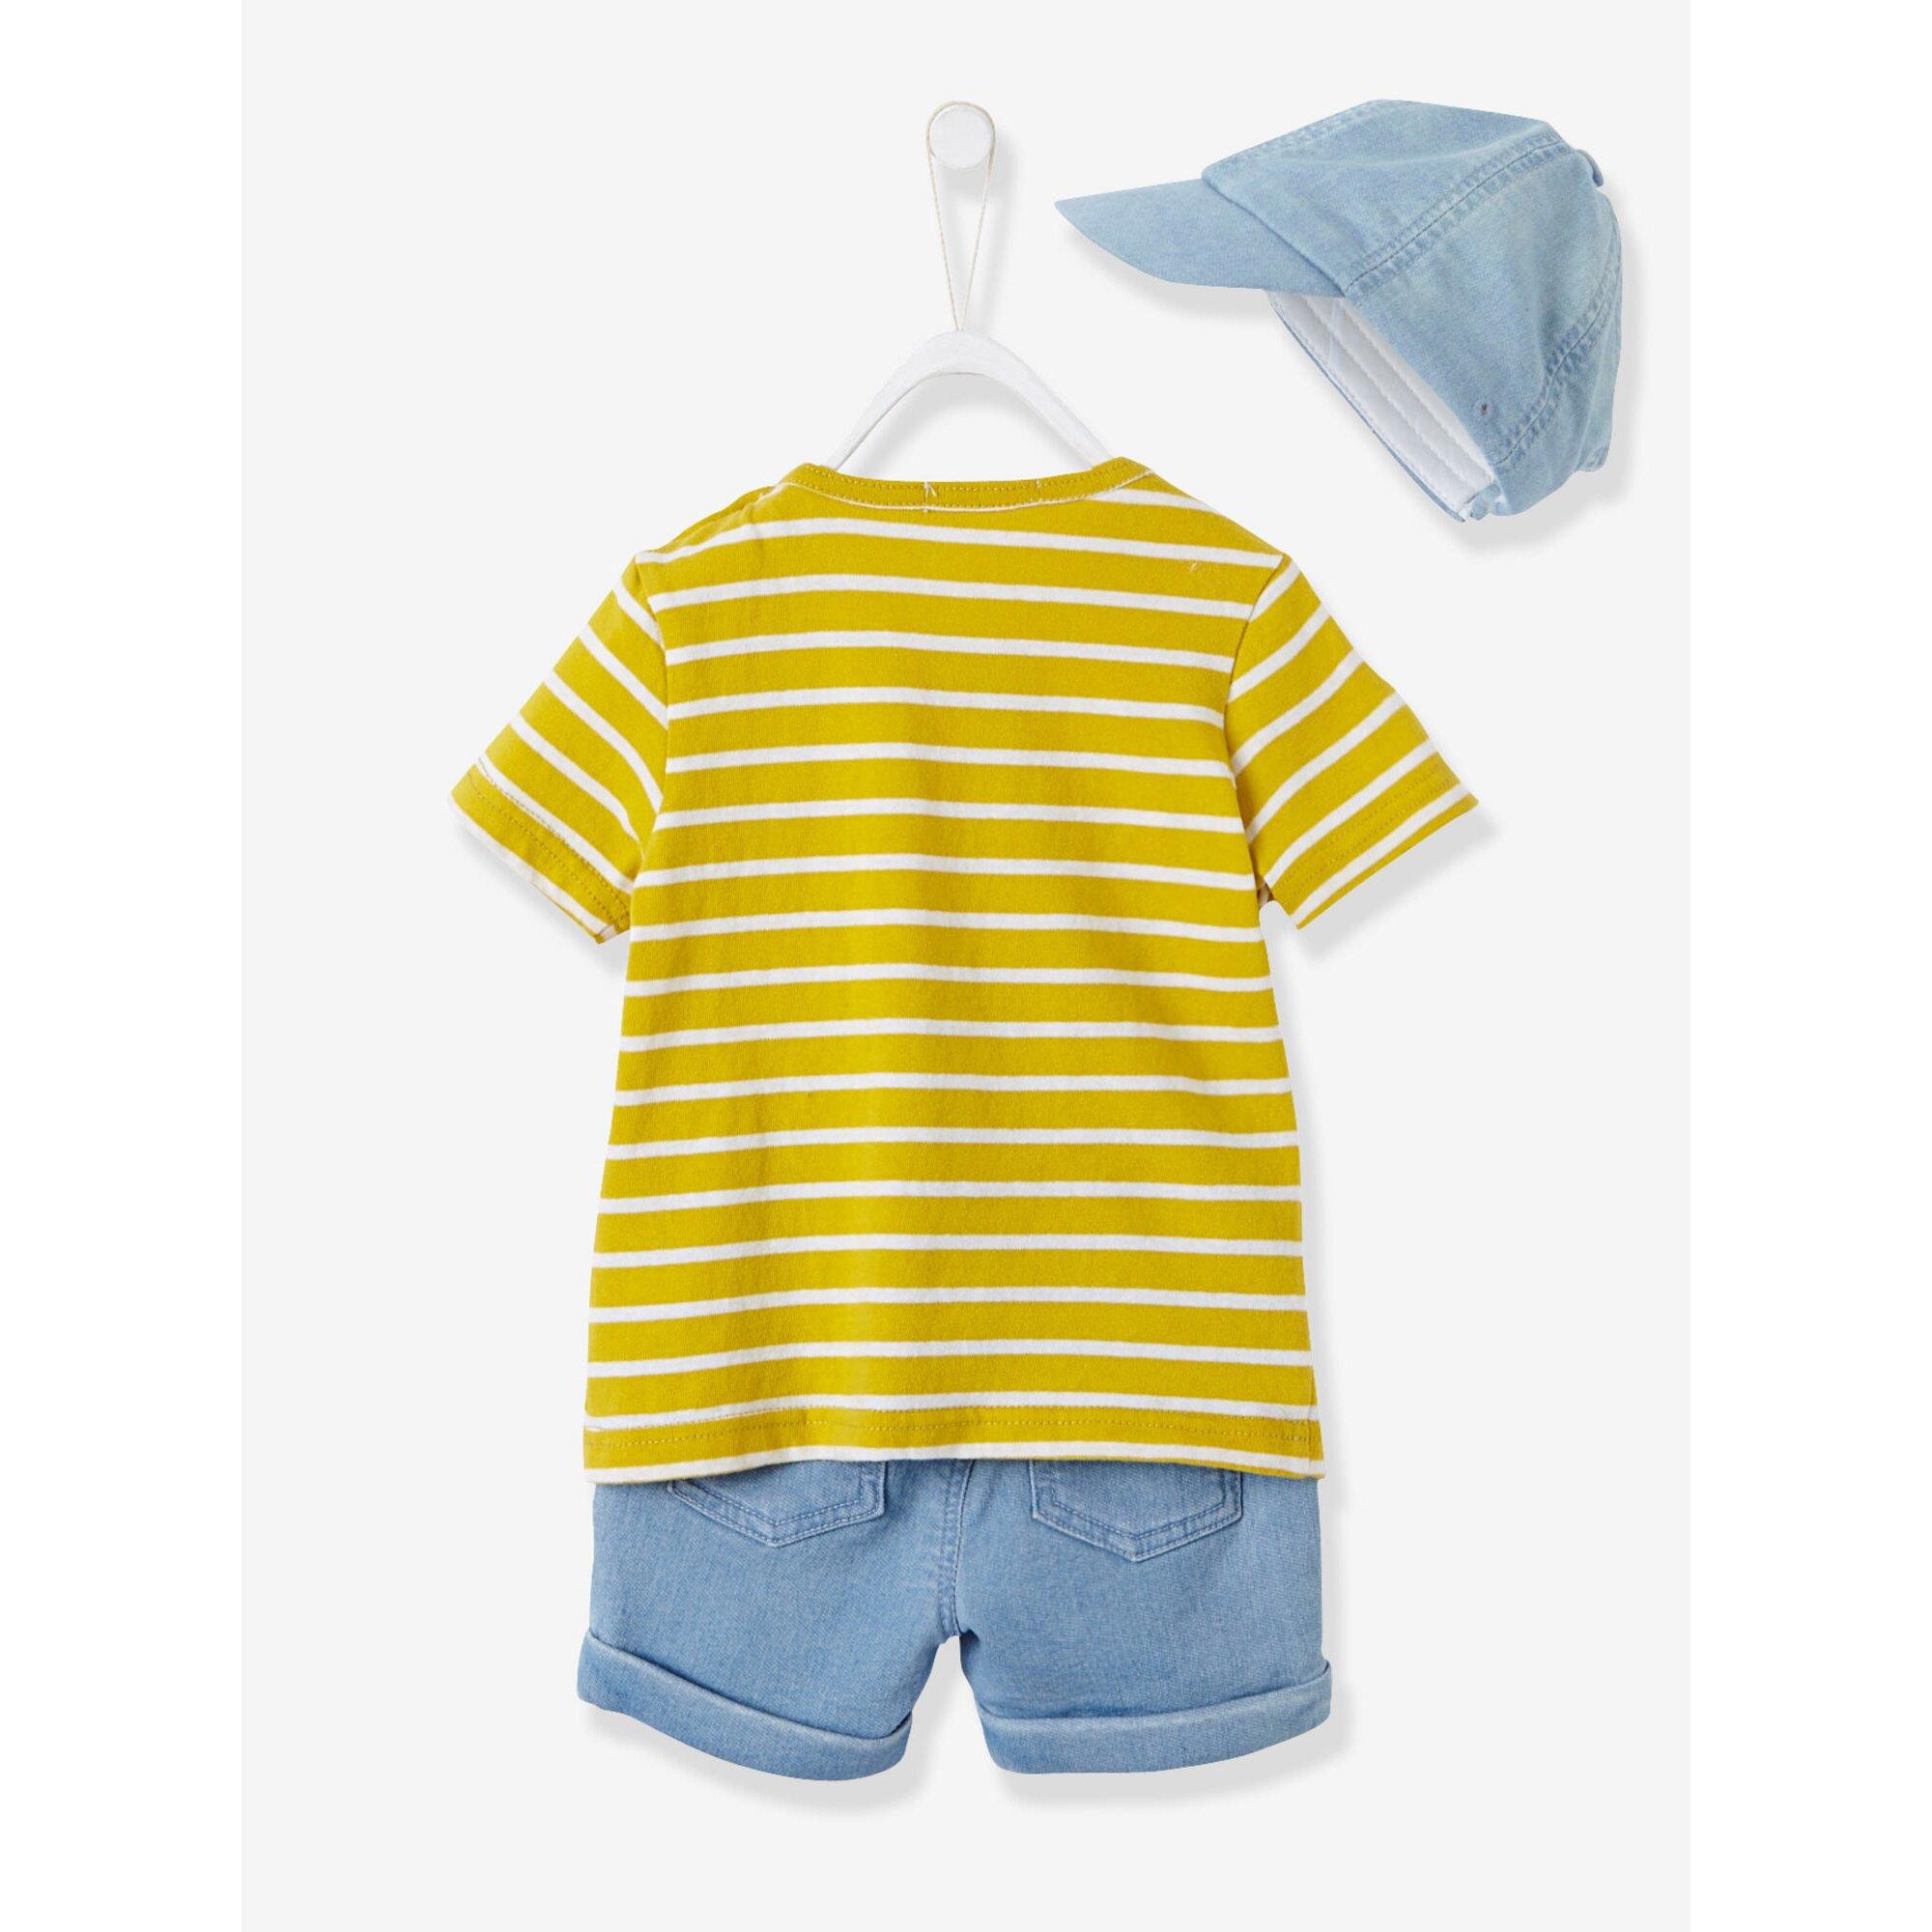 vertbaudet-cap-t-shirt-und-bermudas-baby-jungen